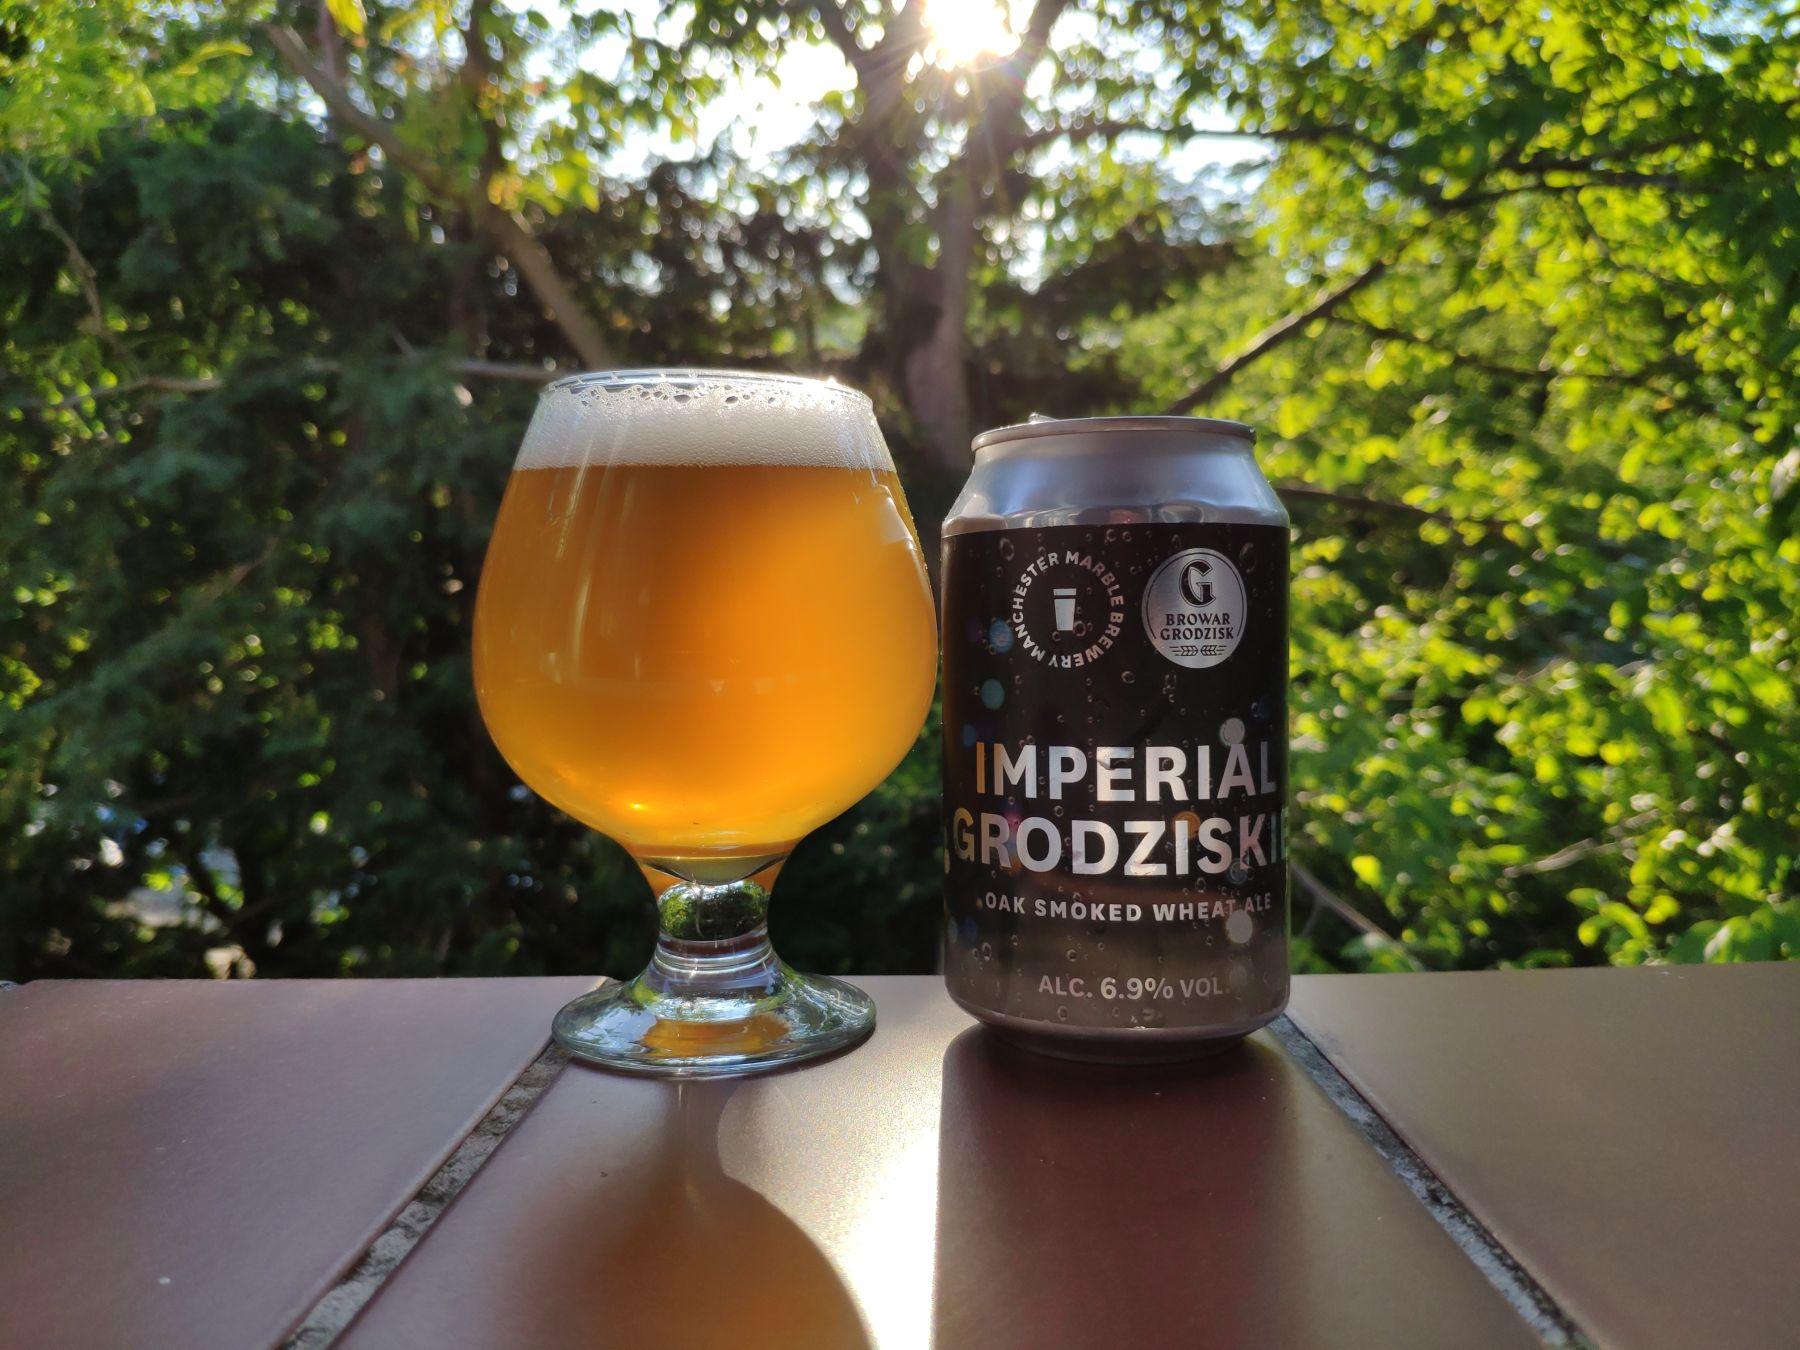 Imperial Grodziskie - Browar Grodzisk / Marble Brewery